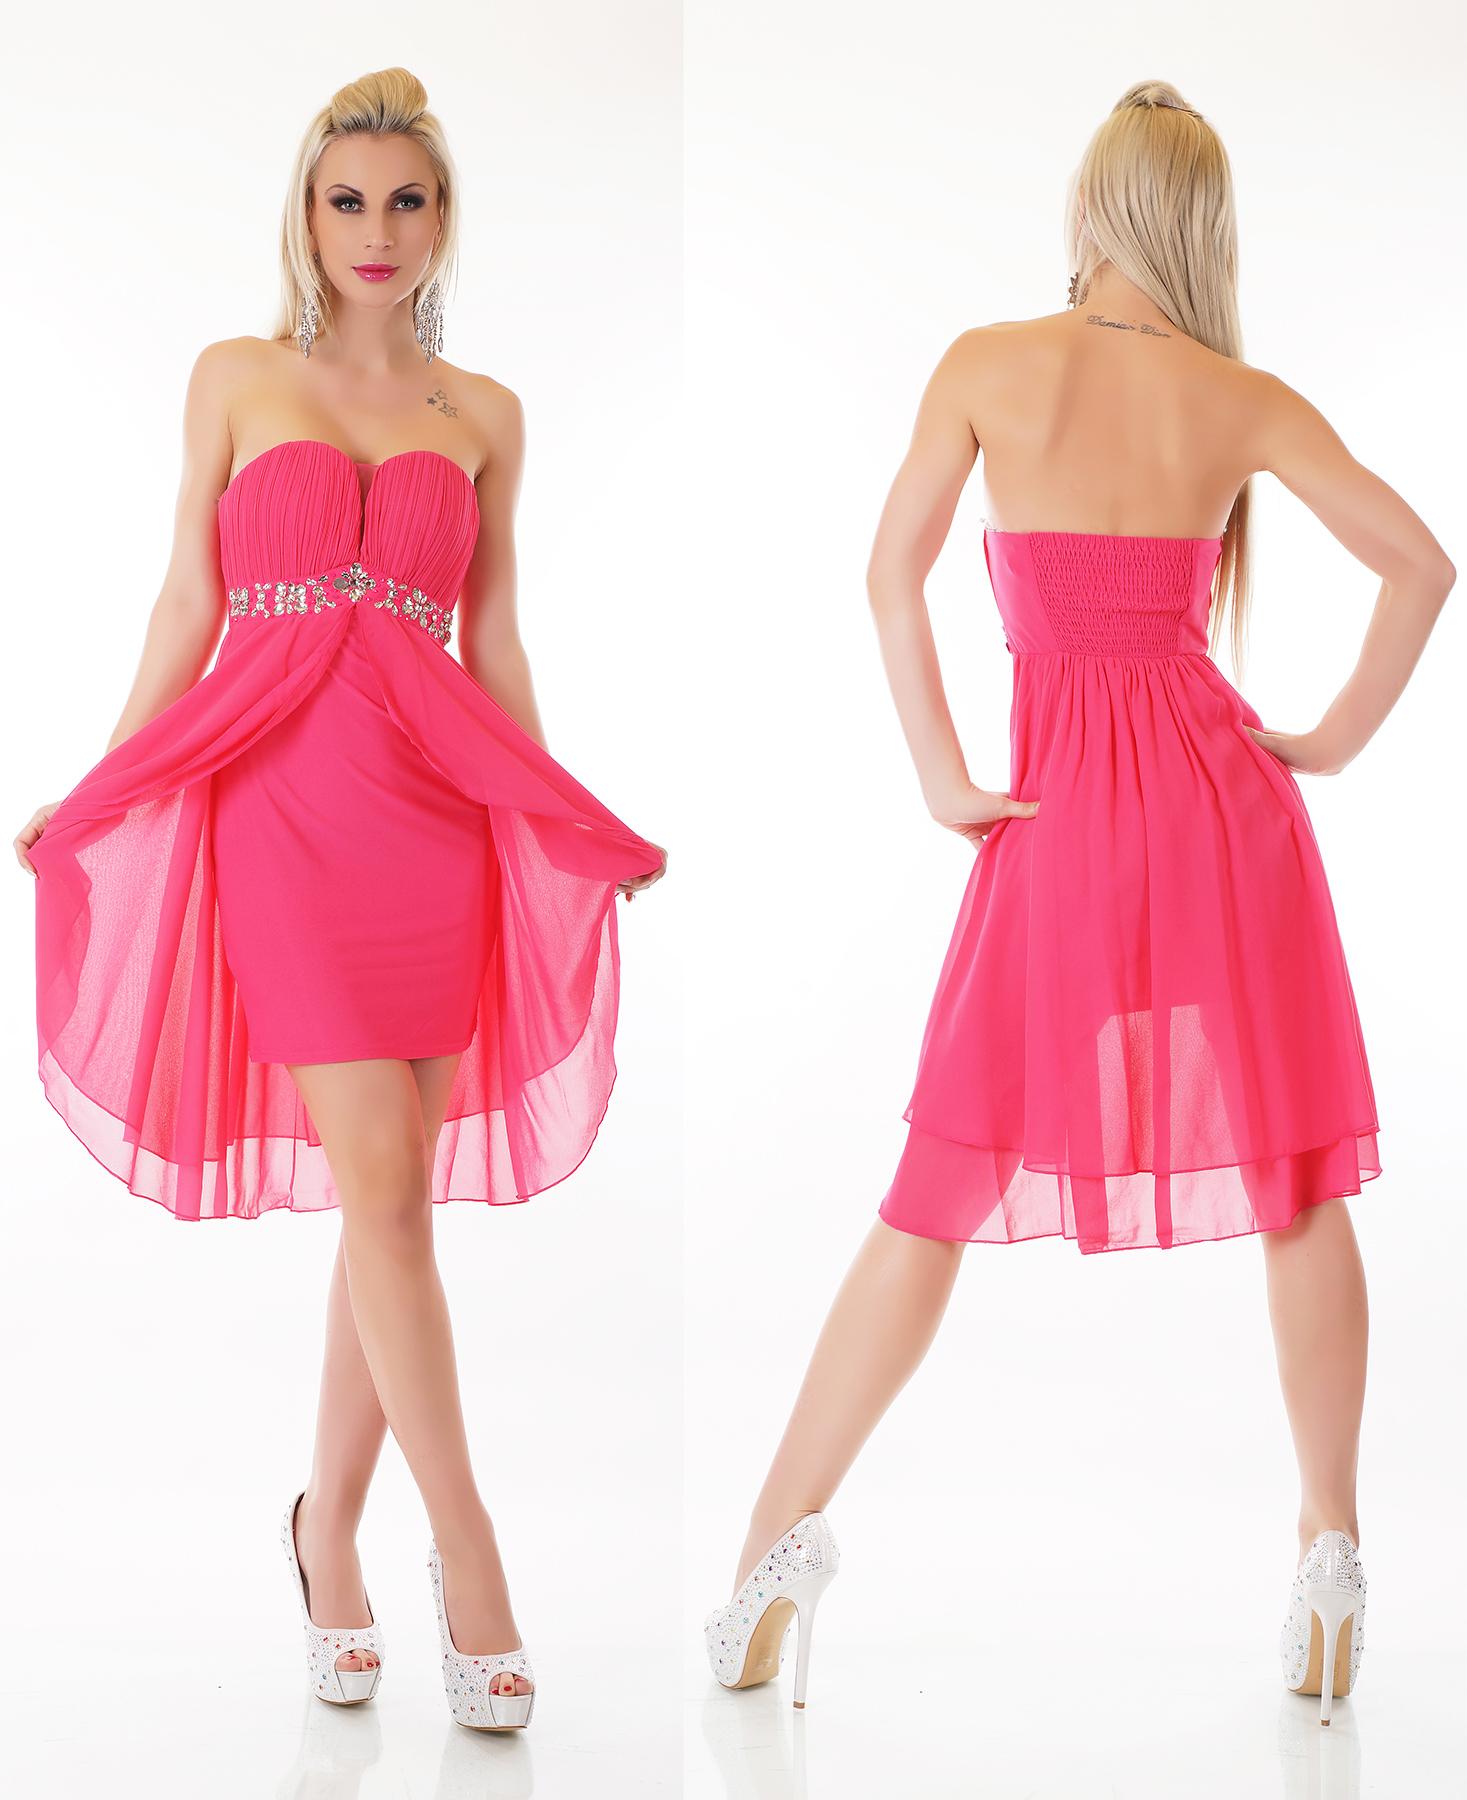 Kleid pink strass